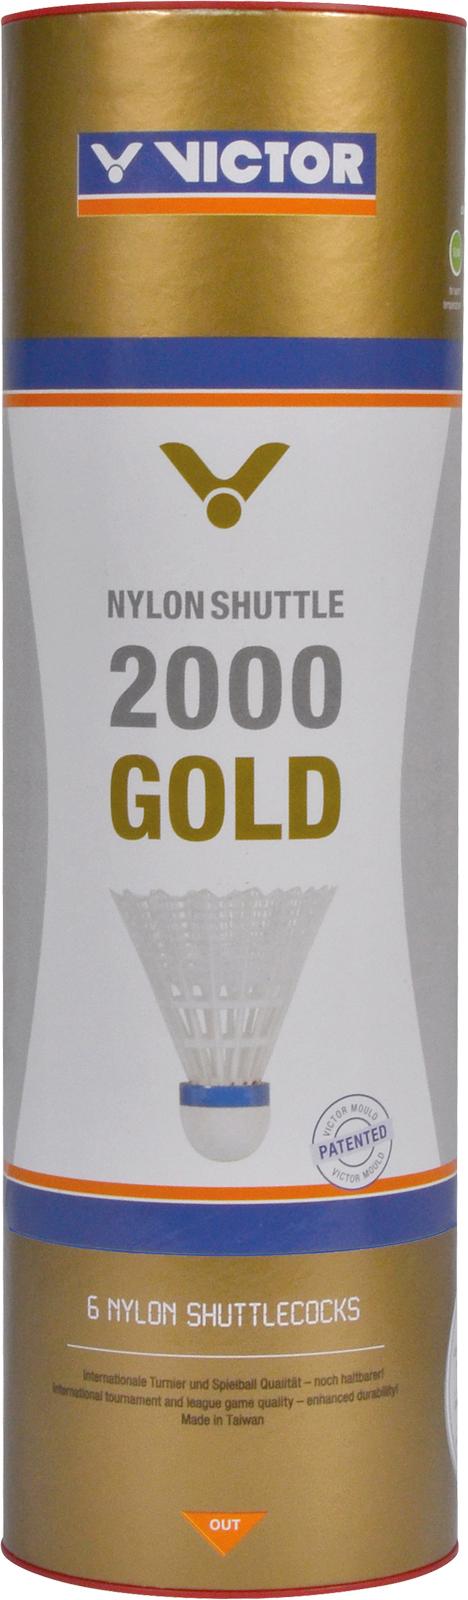 VICTOR Nylonshuttle 2000 medium/white